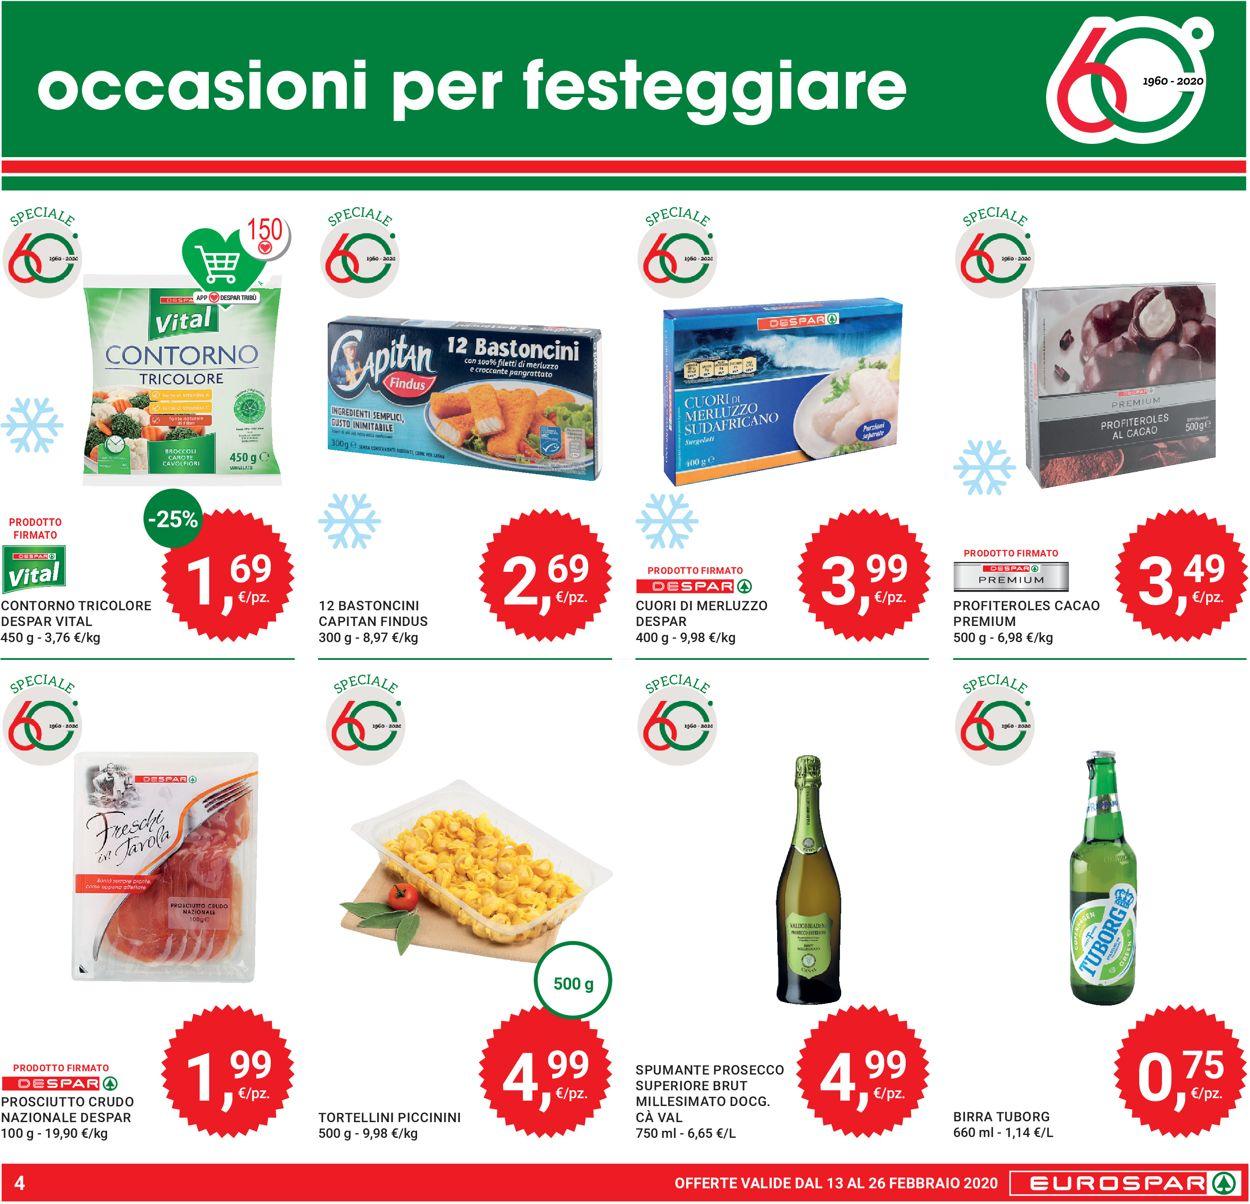 Volantino Eurospar - Offerte 13/02-26/02/2020 (Pagina 4)